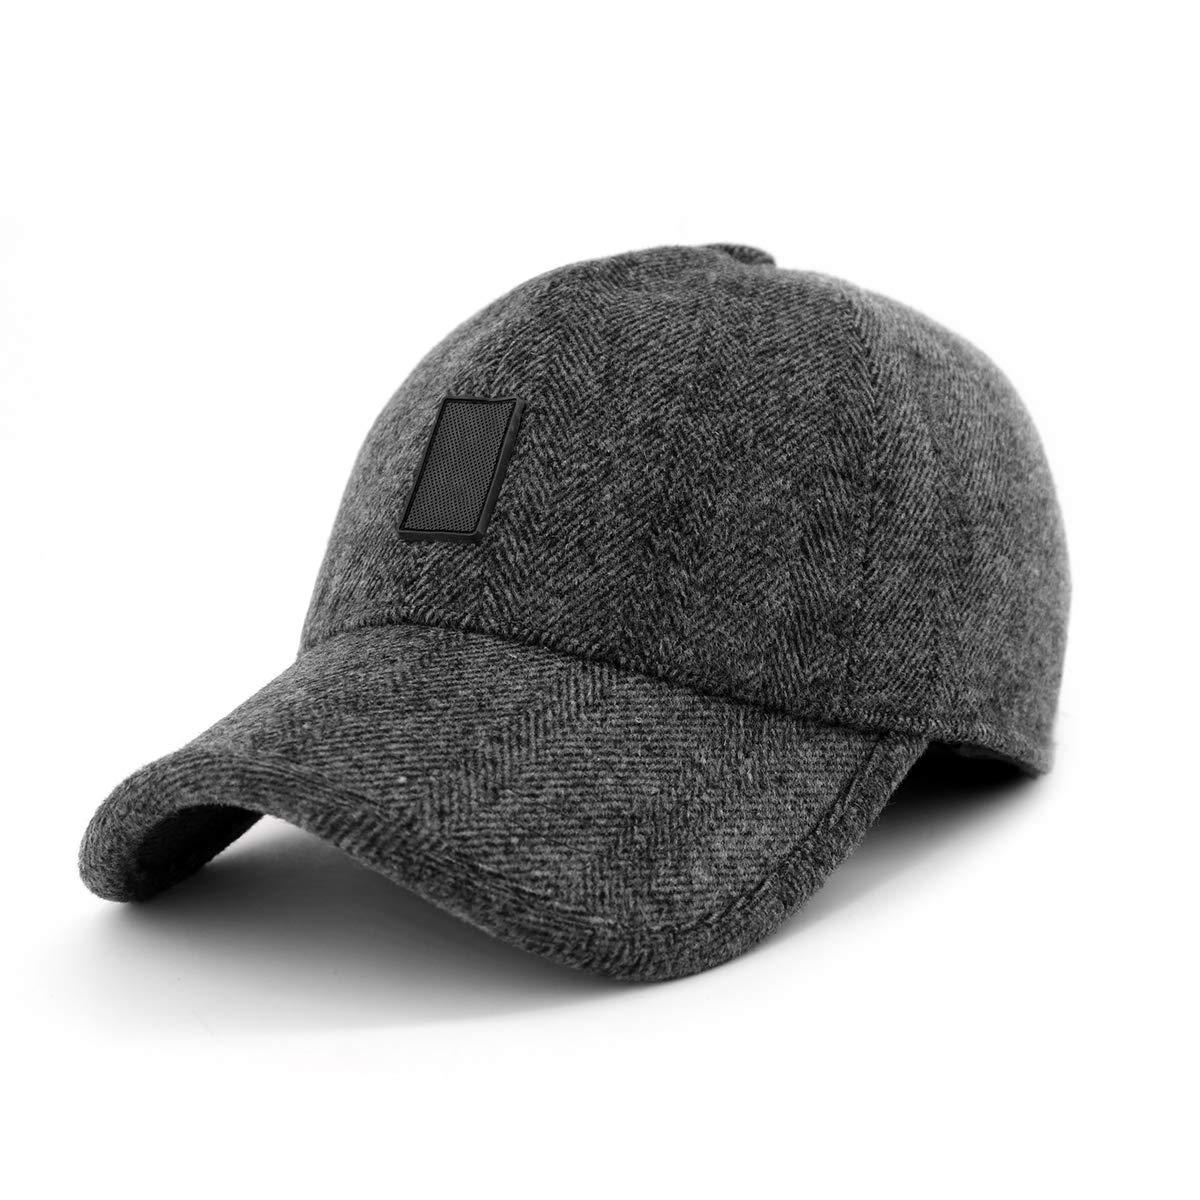 ویکالا · خرید اصل اورجینال · خرید از آمازون · Gisdanchz Wool Baseball Hat  cfe743a205ec